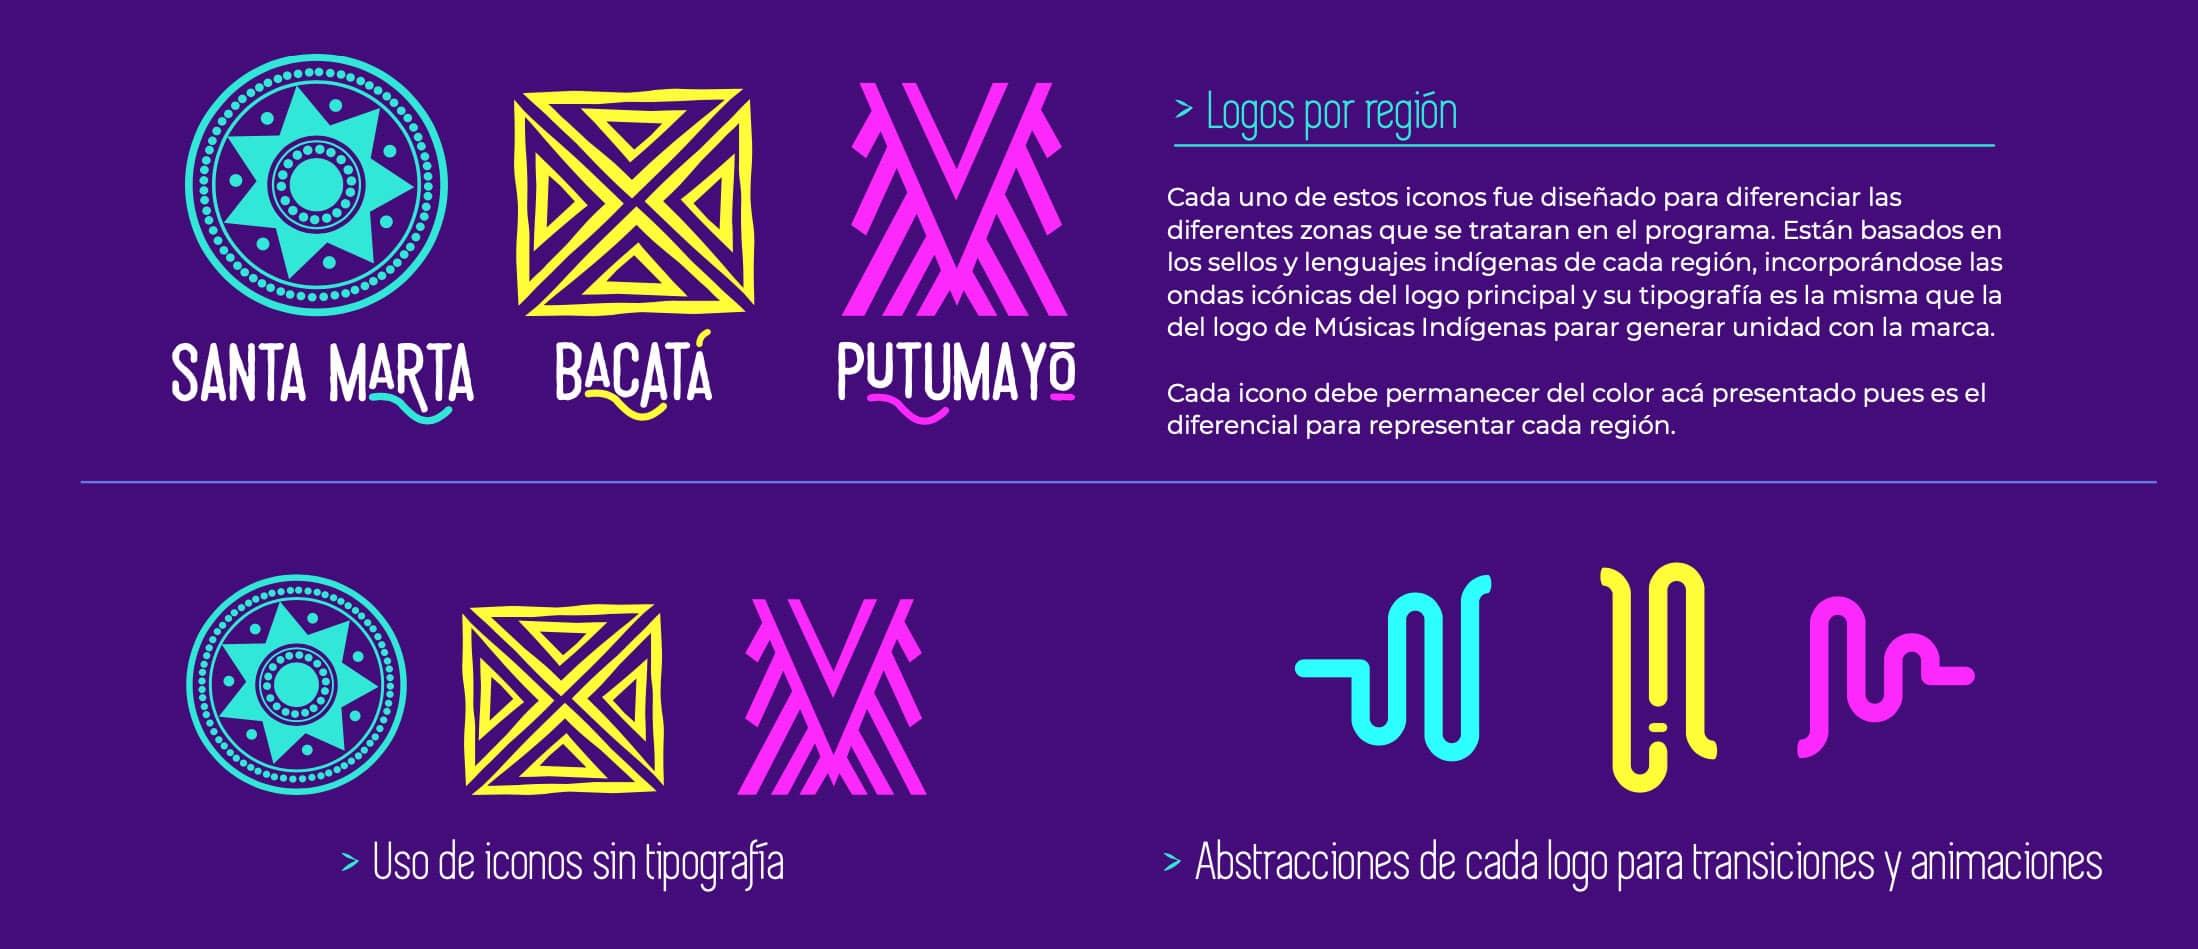 diseño de arquitectura de marca